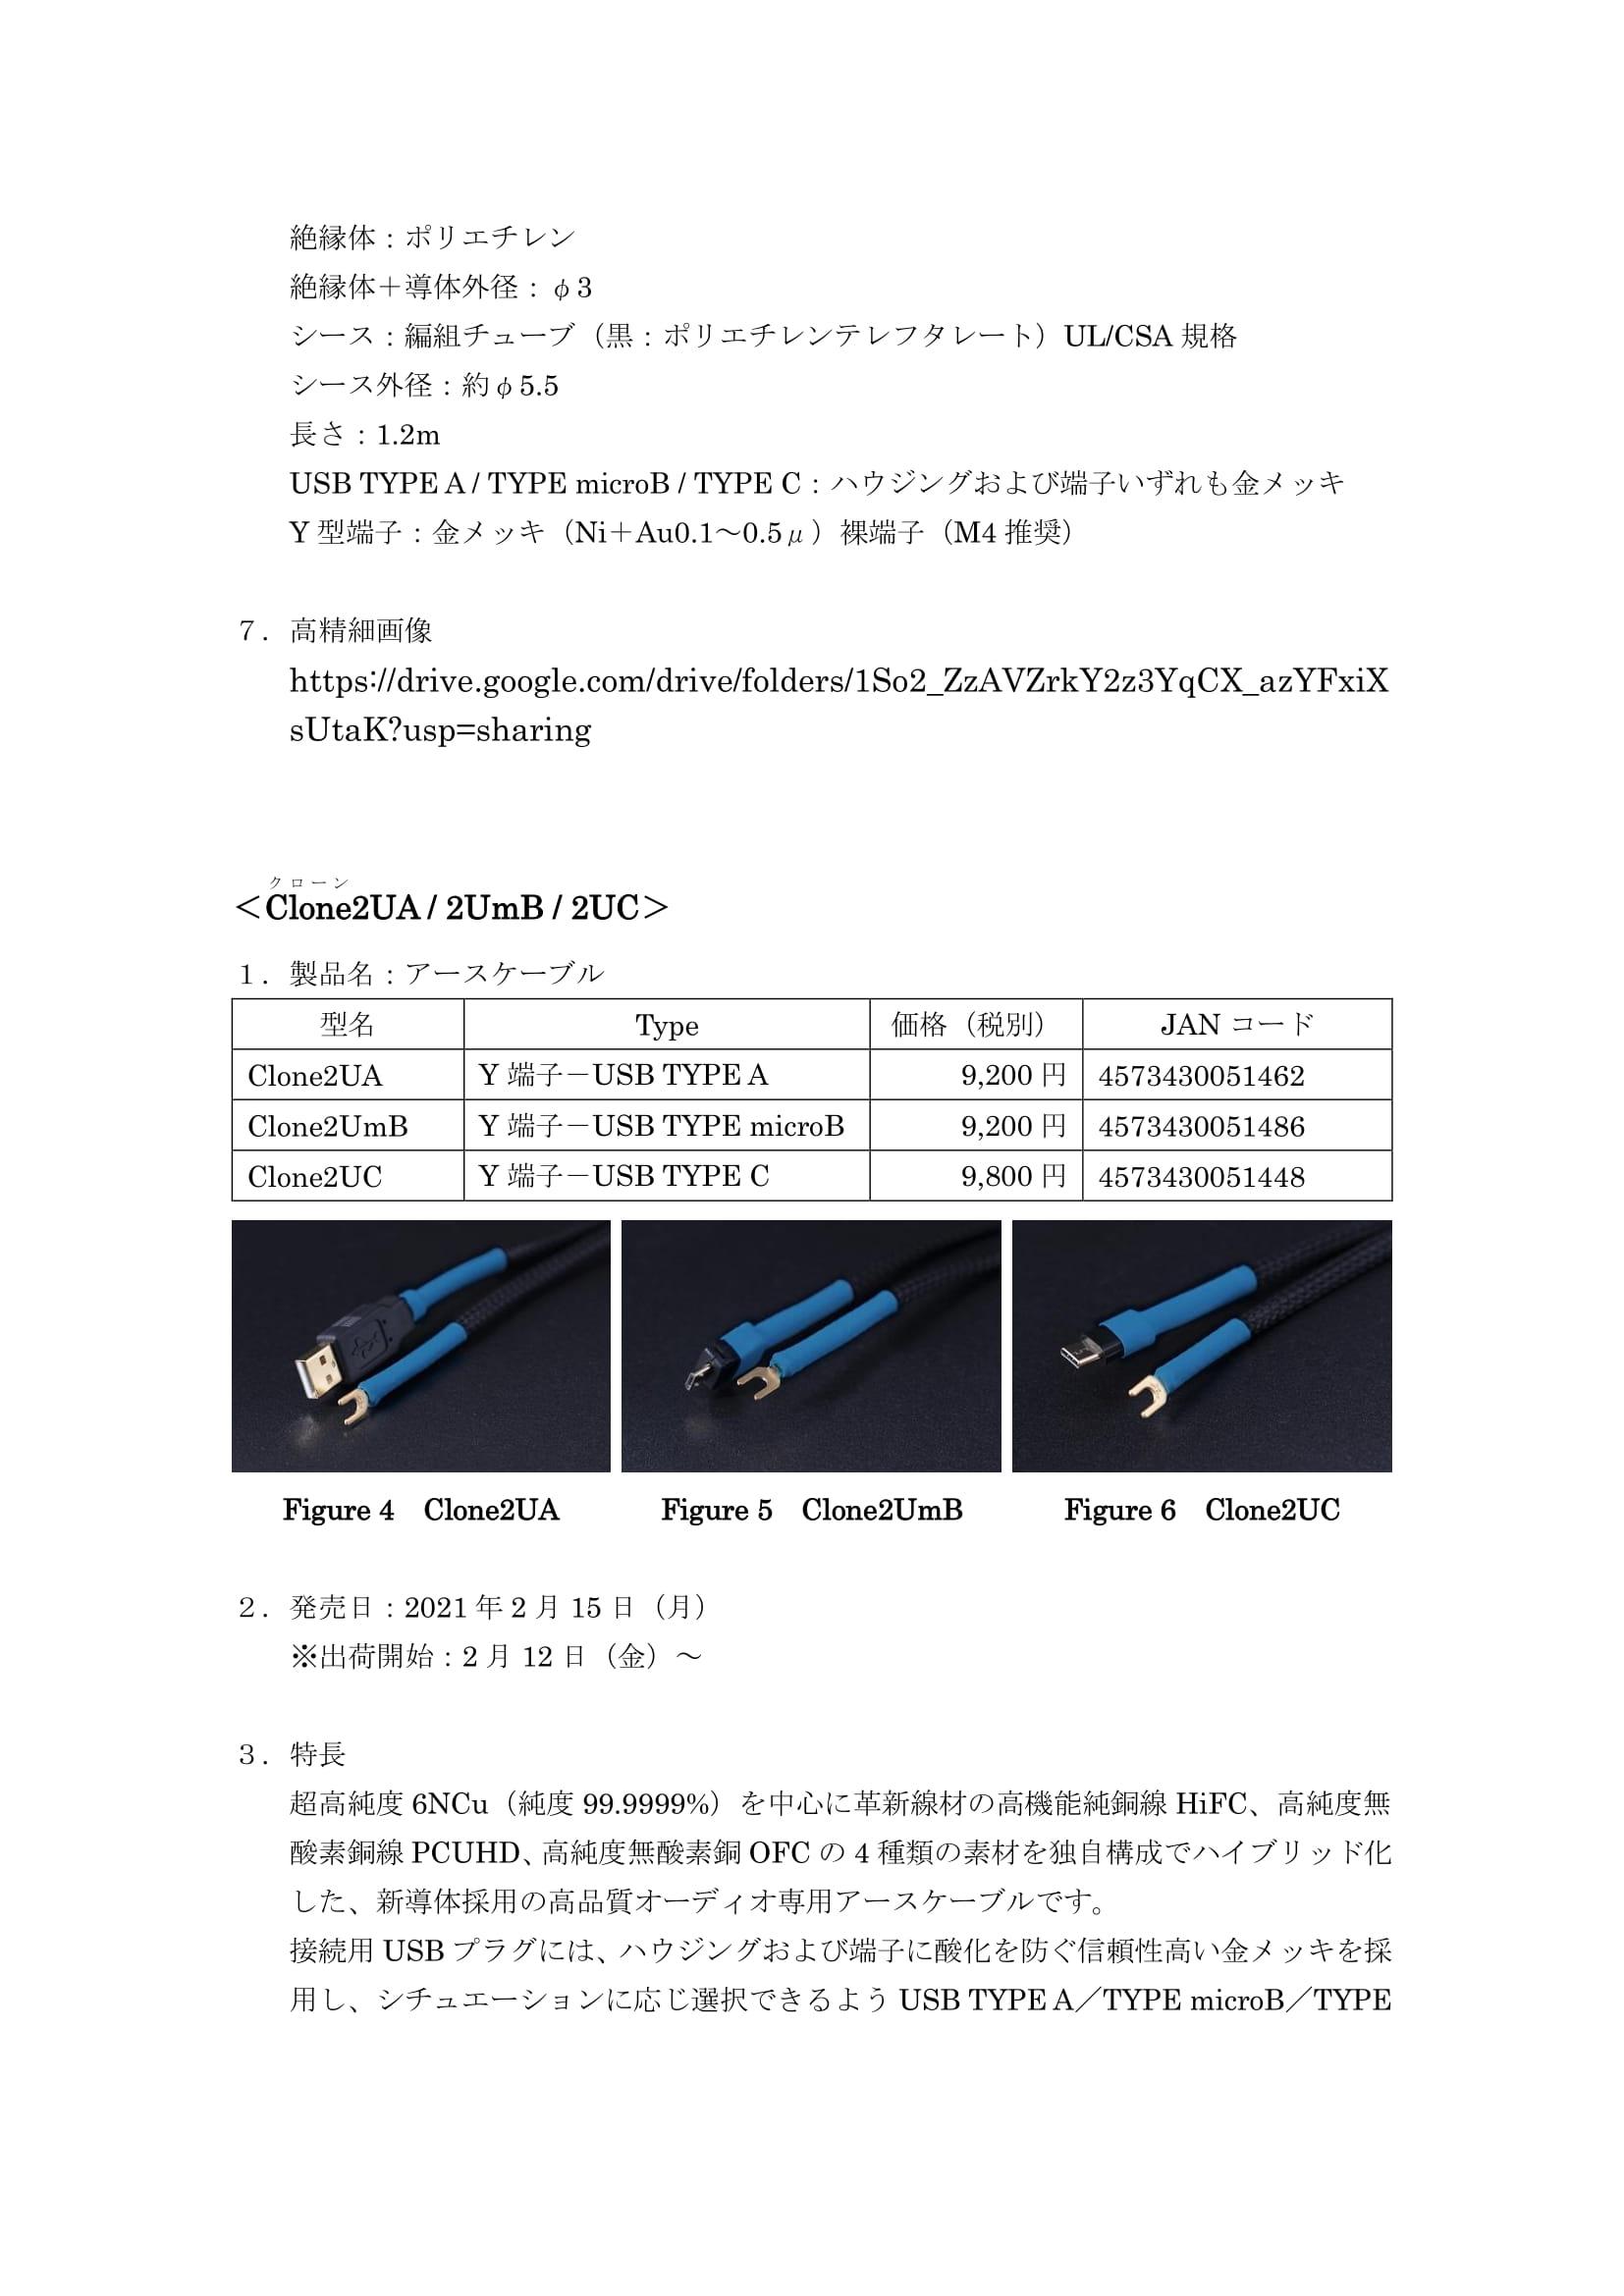 新製品のご案内_Clone1UA_UmB_UC/2UA_UmB_UC_210205-3